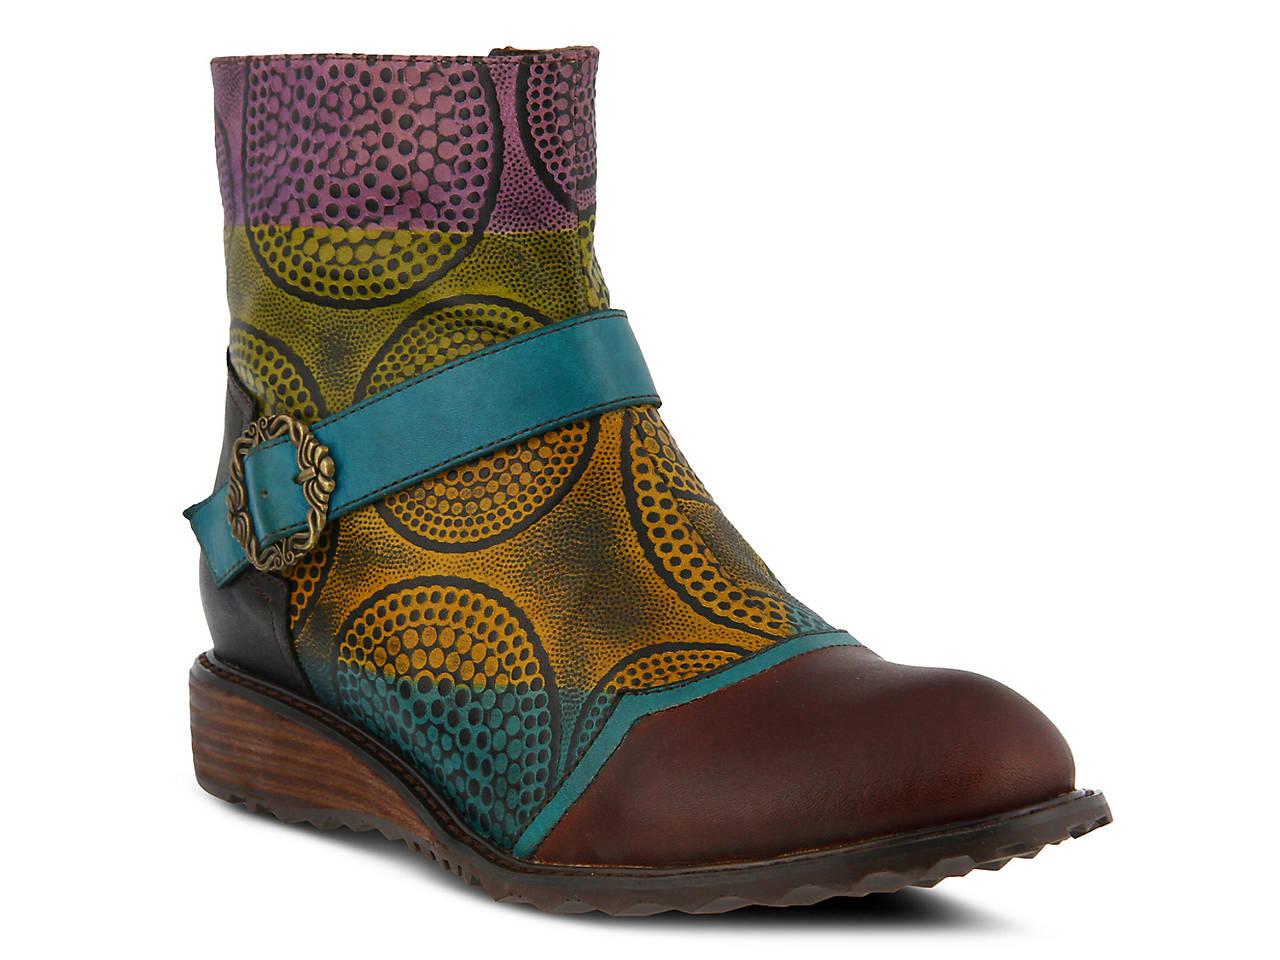 L'Artiste by Spring Step Women's Herietta Boot